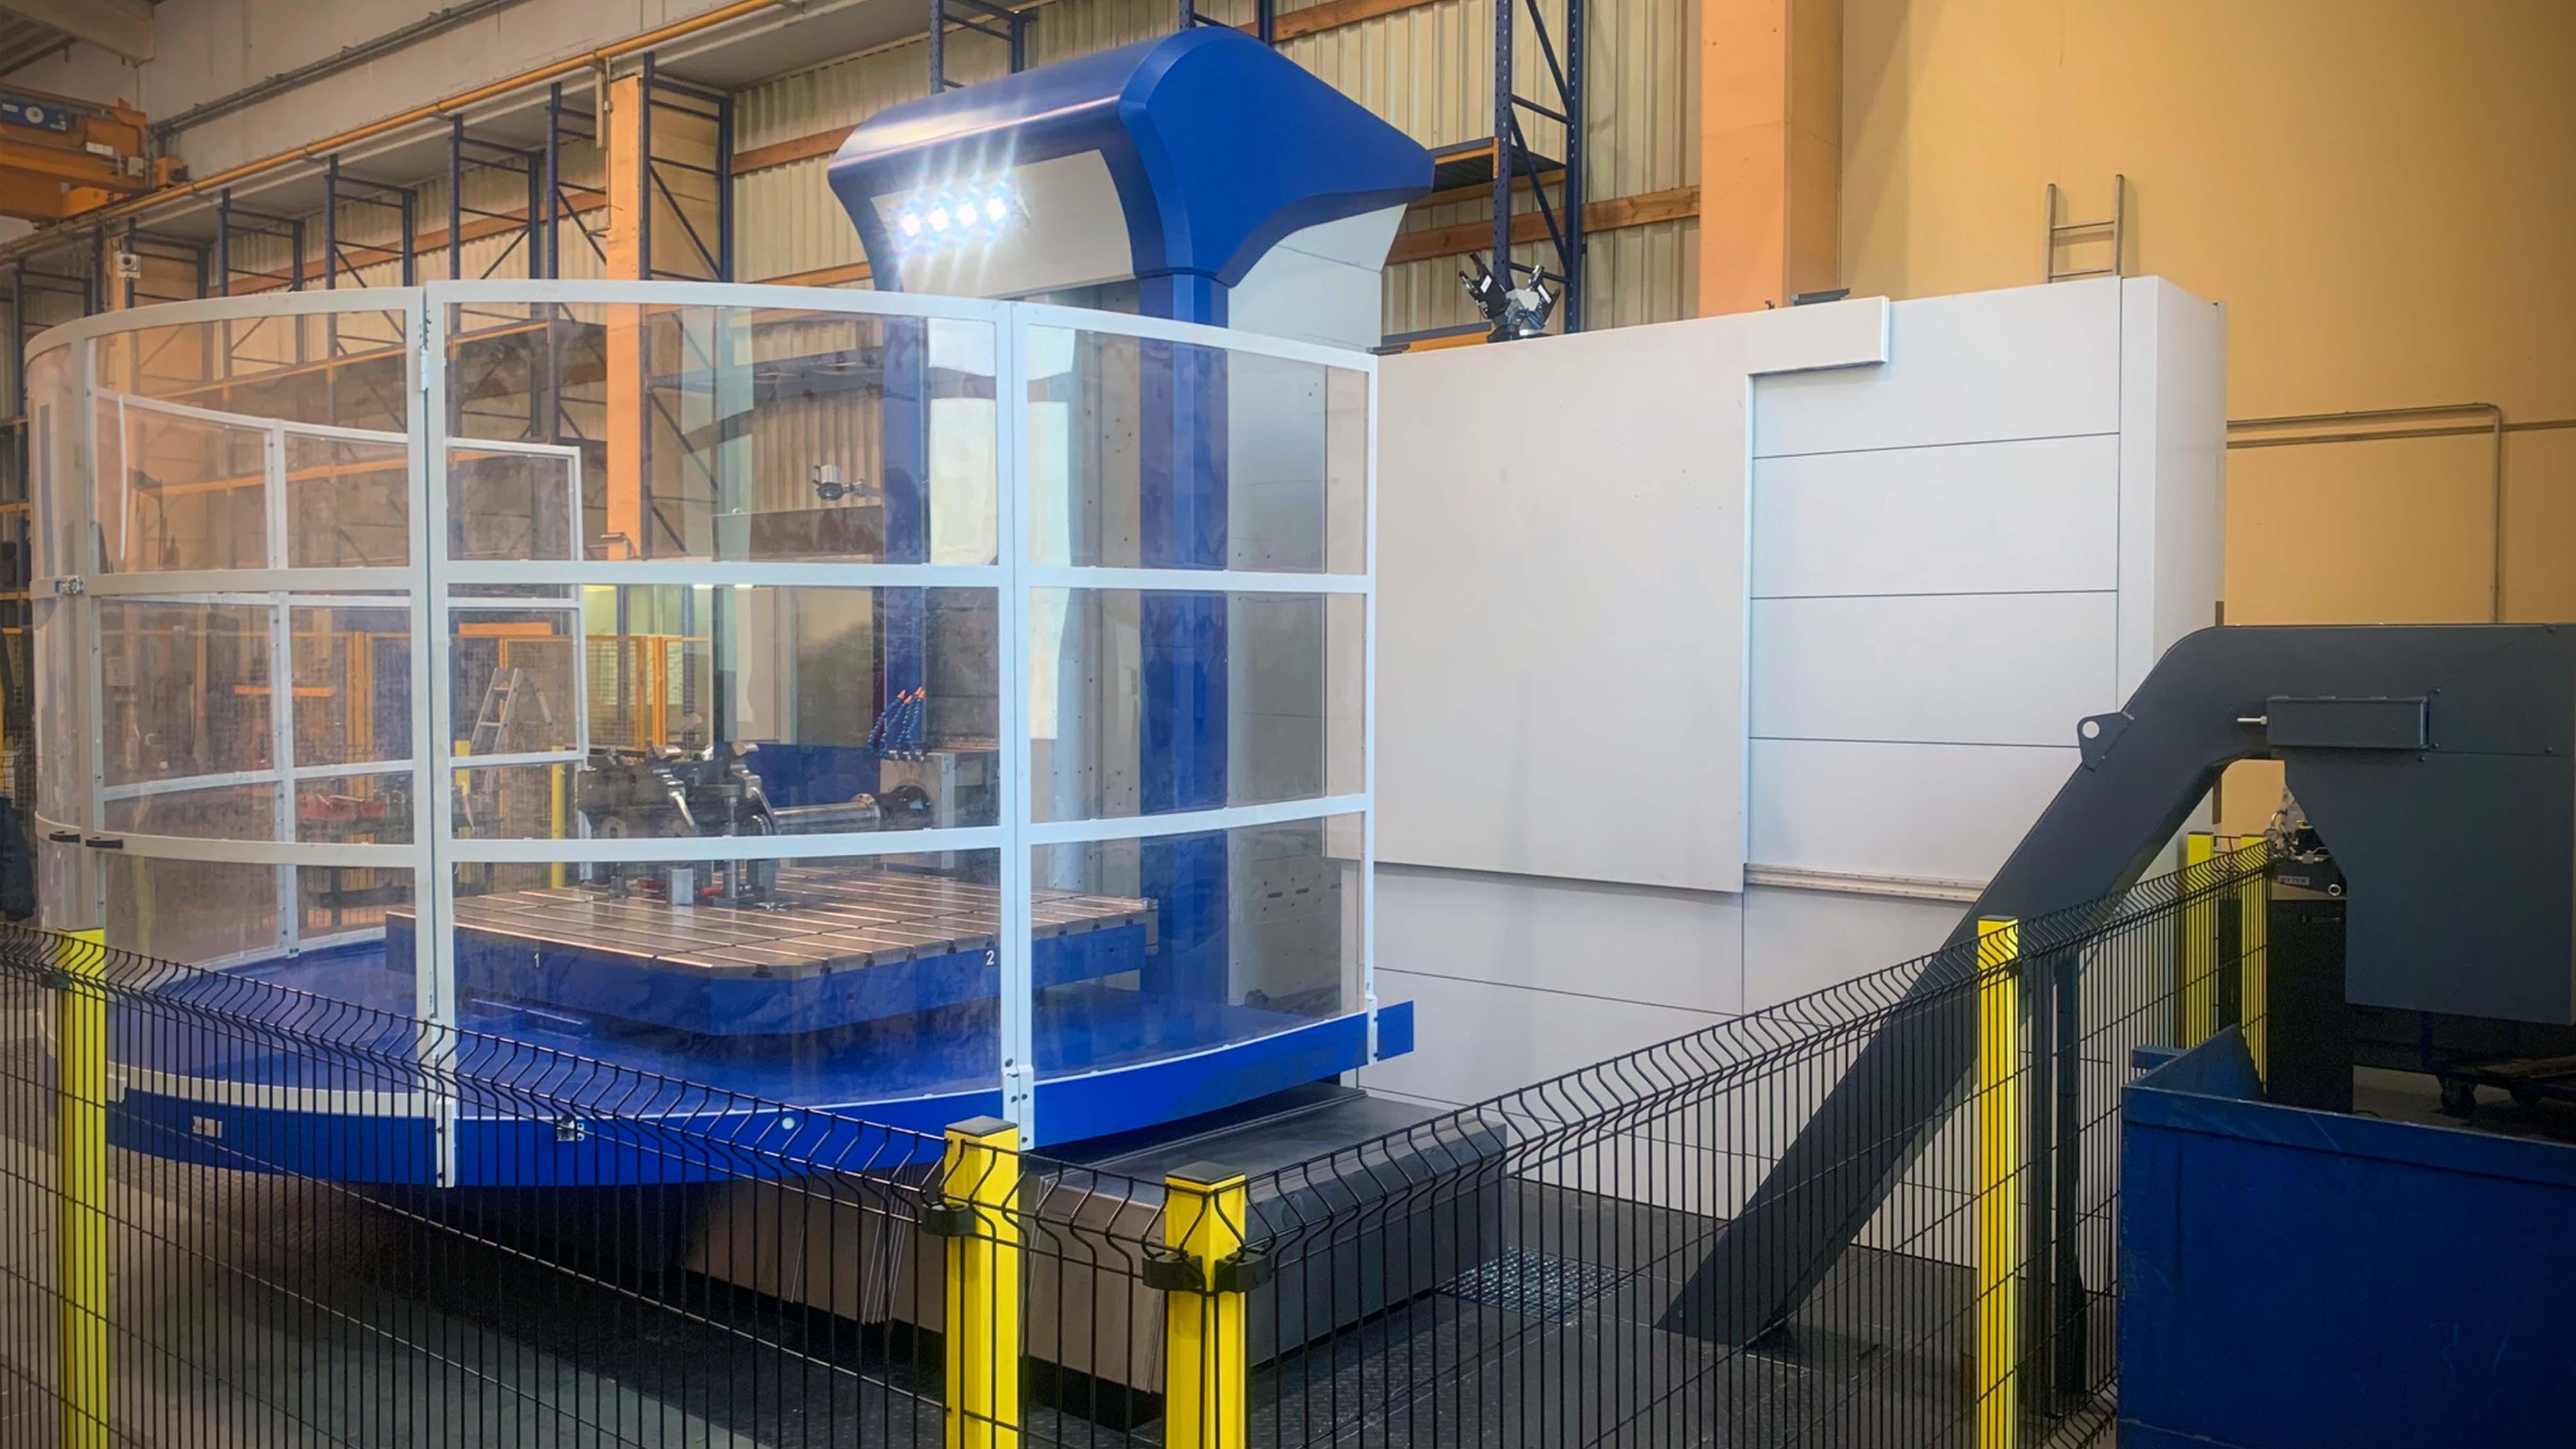 Rädlinger Maschinen- und Stahlbau GmbH - Image